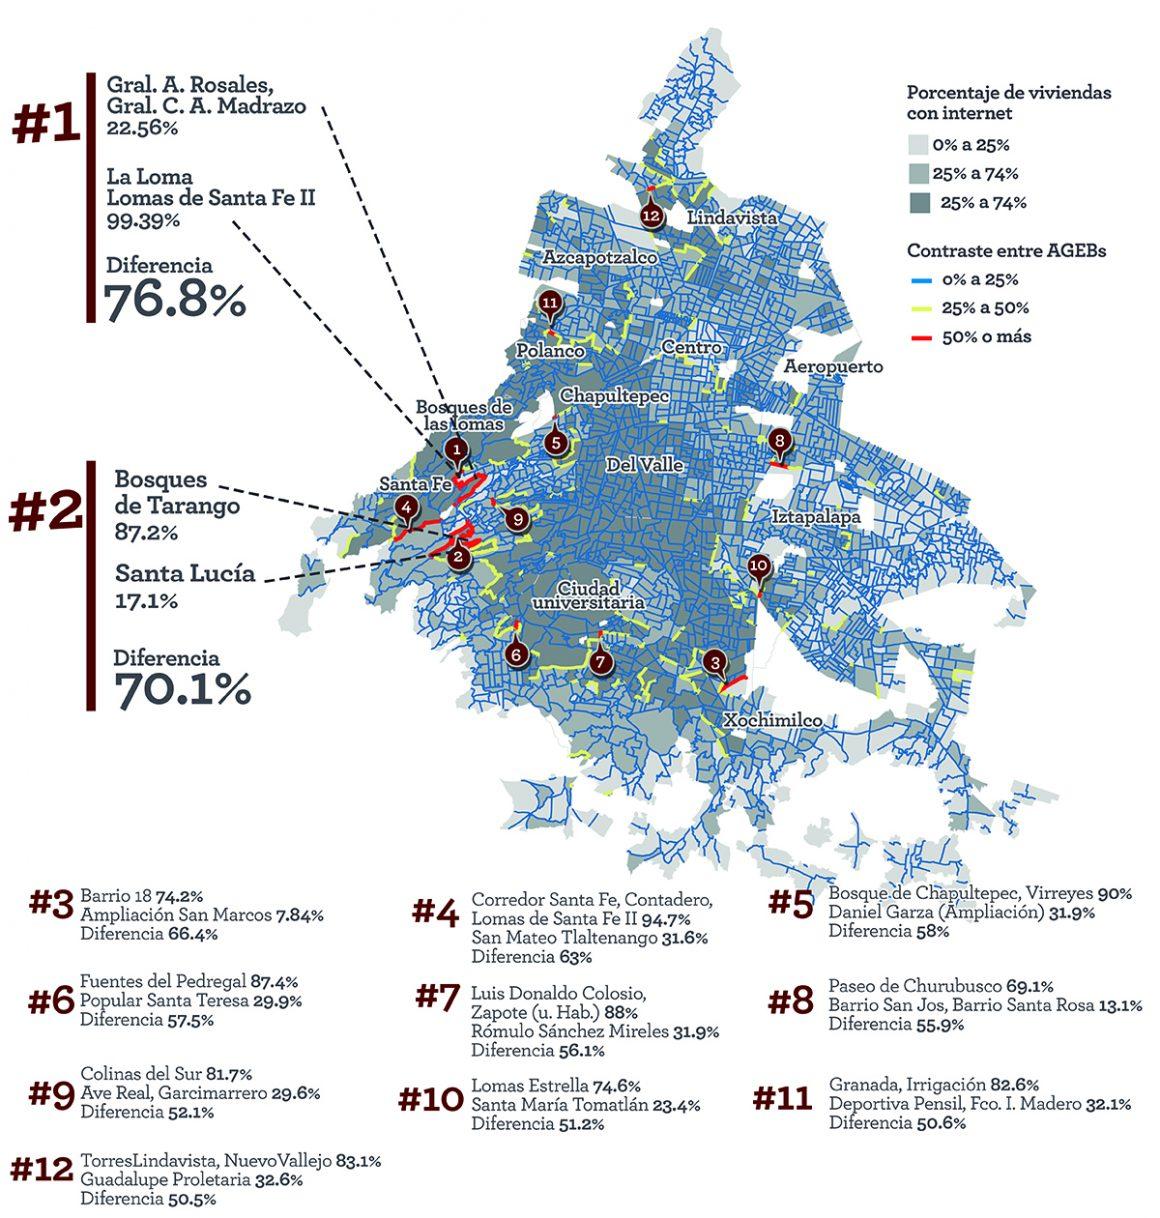 Mapa de colindancias entre zonas que tienen mucho internet y zonas que no. Desigualdad